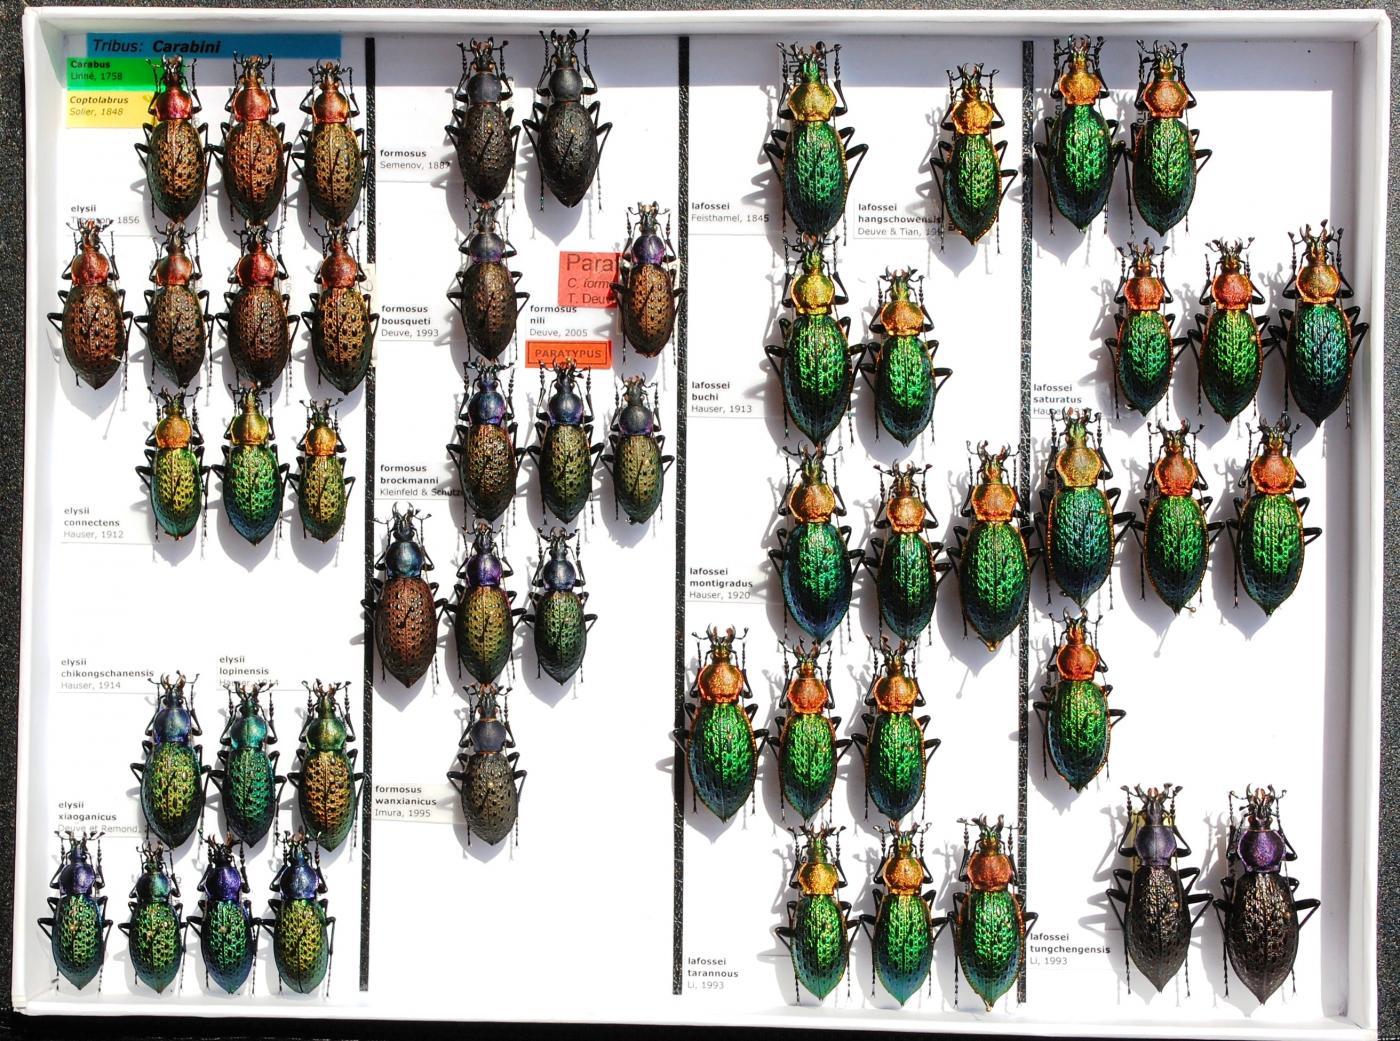 Carabidae_16.JPG - кликните, чтобы открыть увеличенную картинку